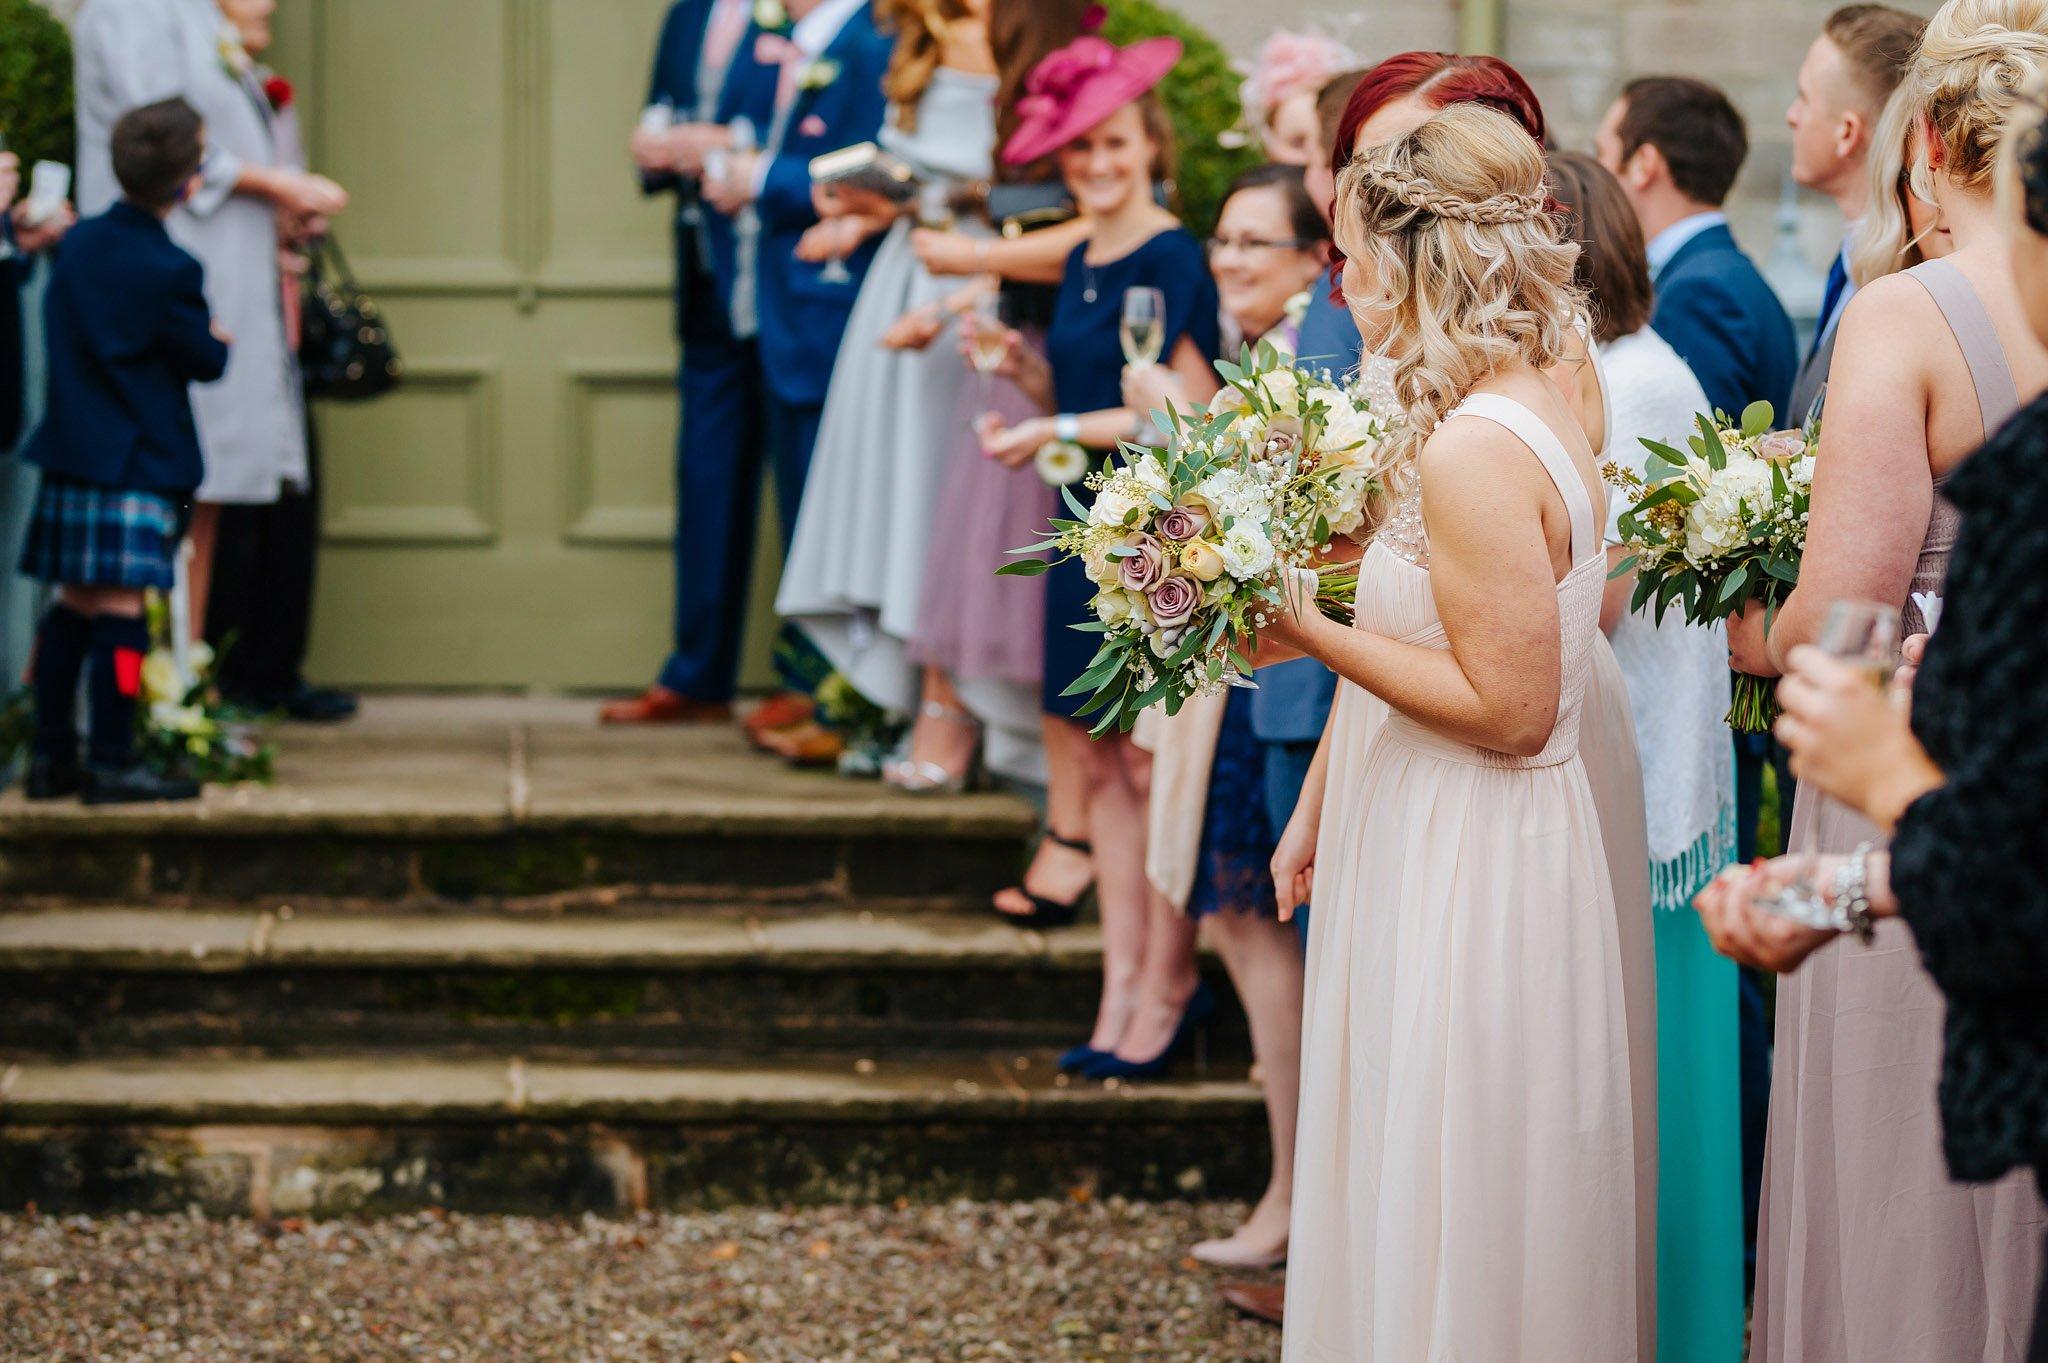 Lemore Manor wedding, Herefordshire - West Midlands | Sadie + Ken 37